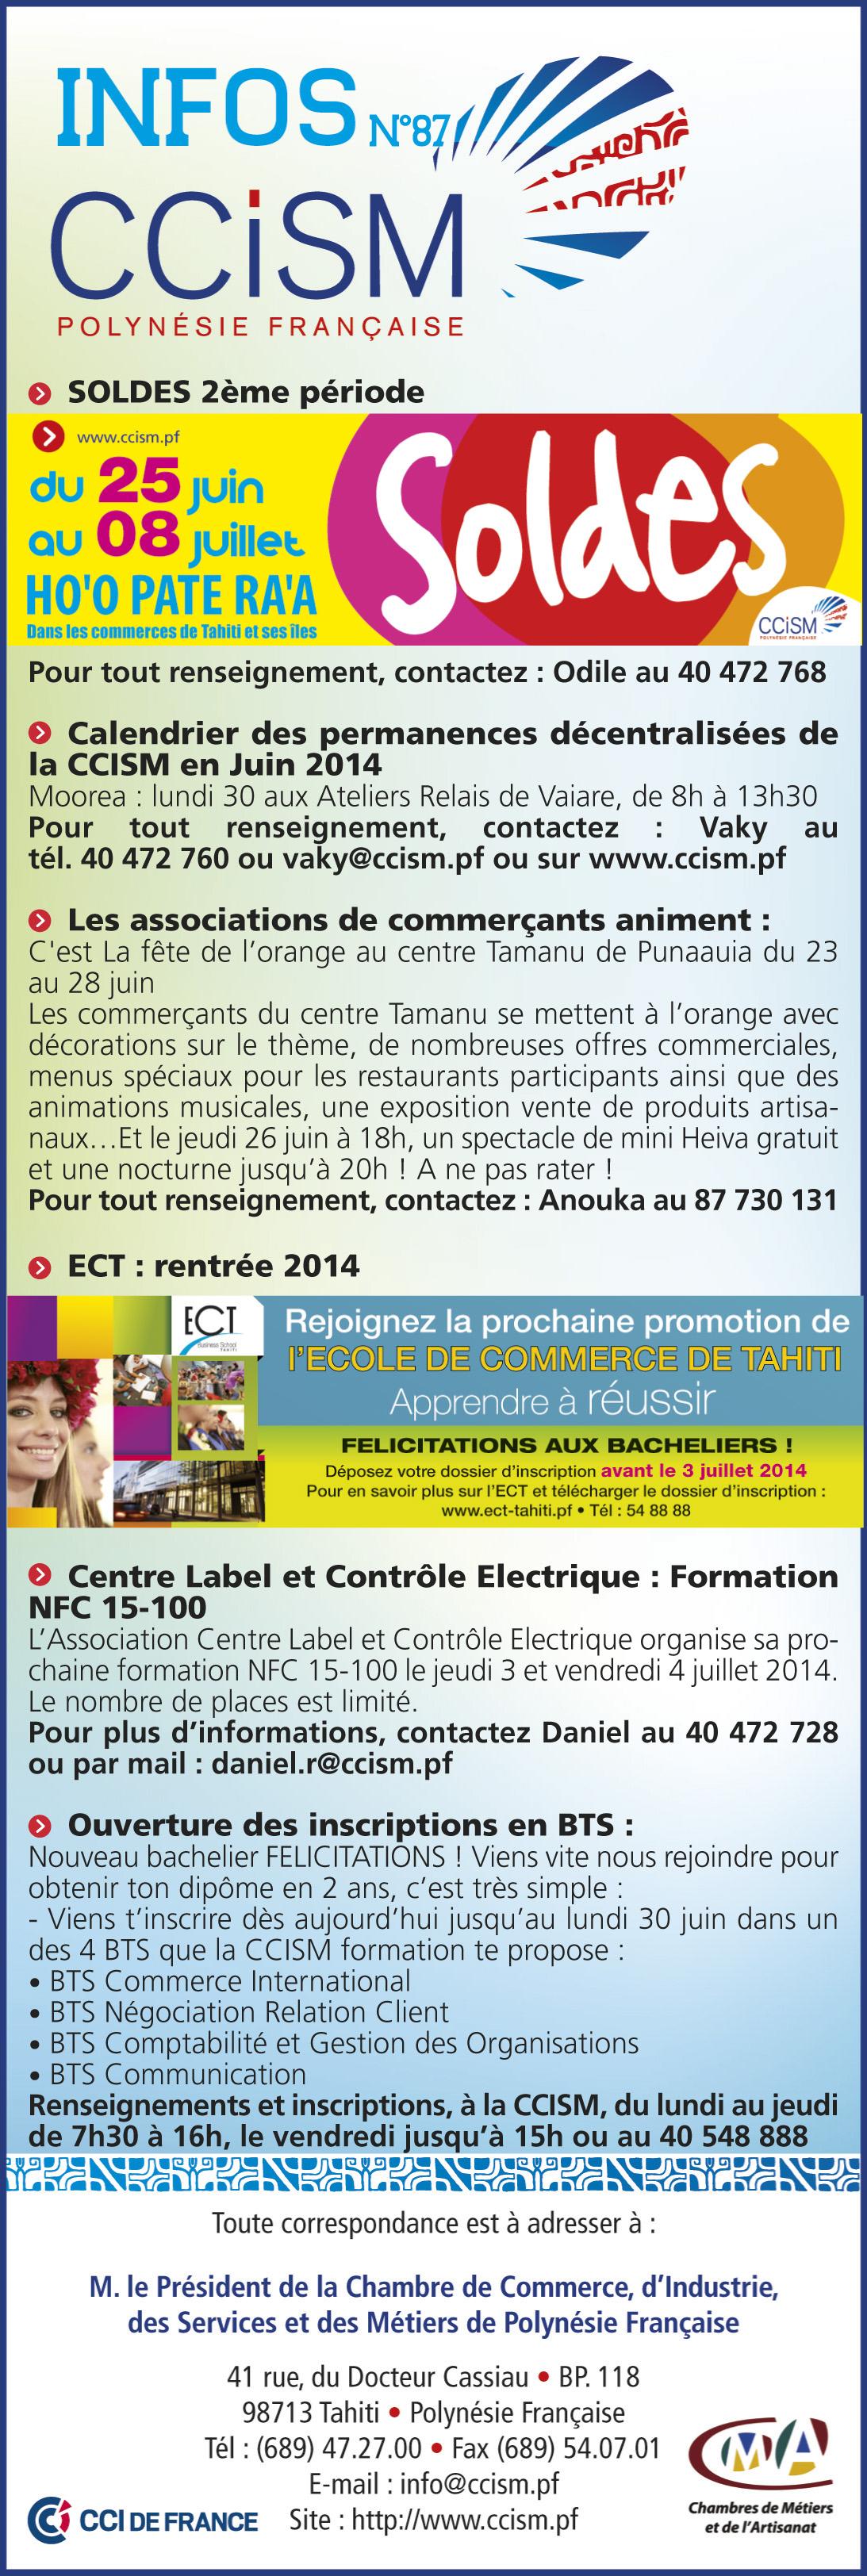 Infos CCISM N°87